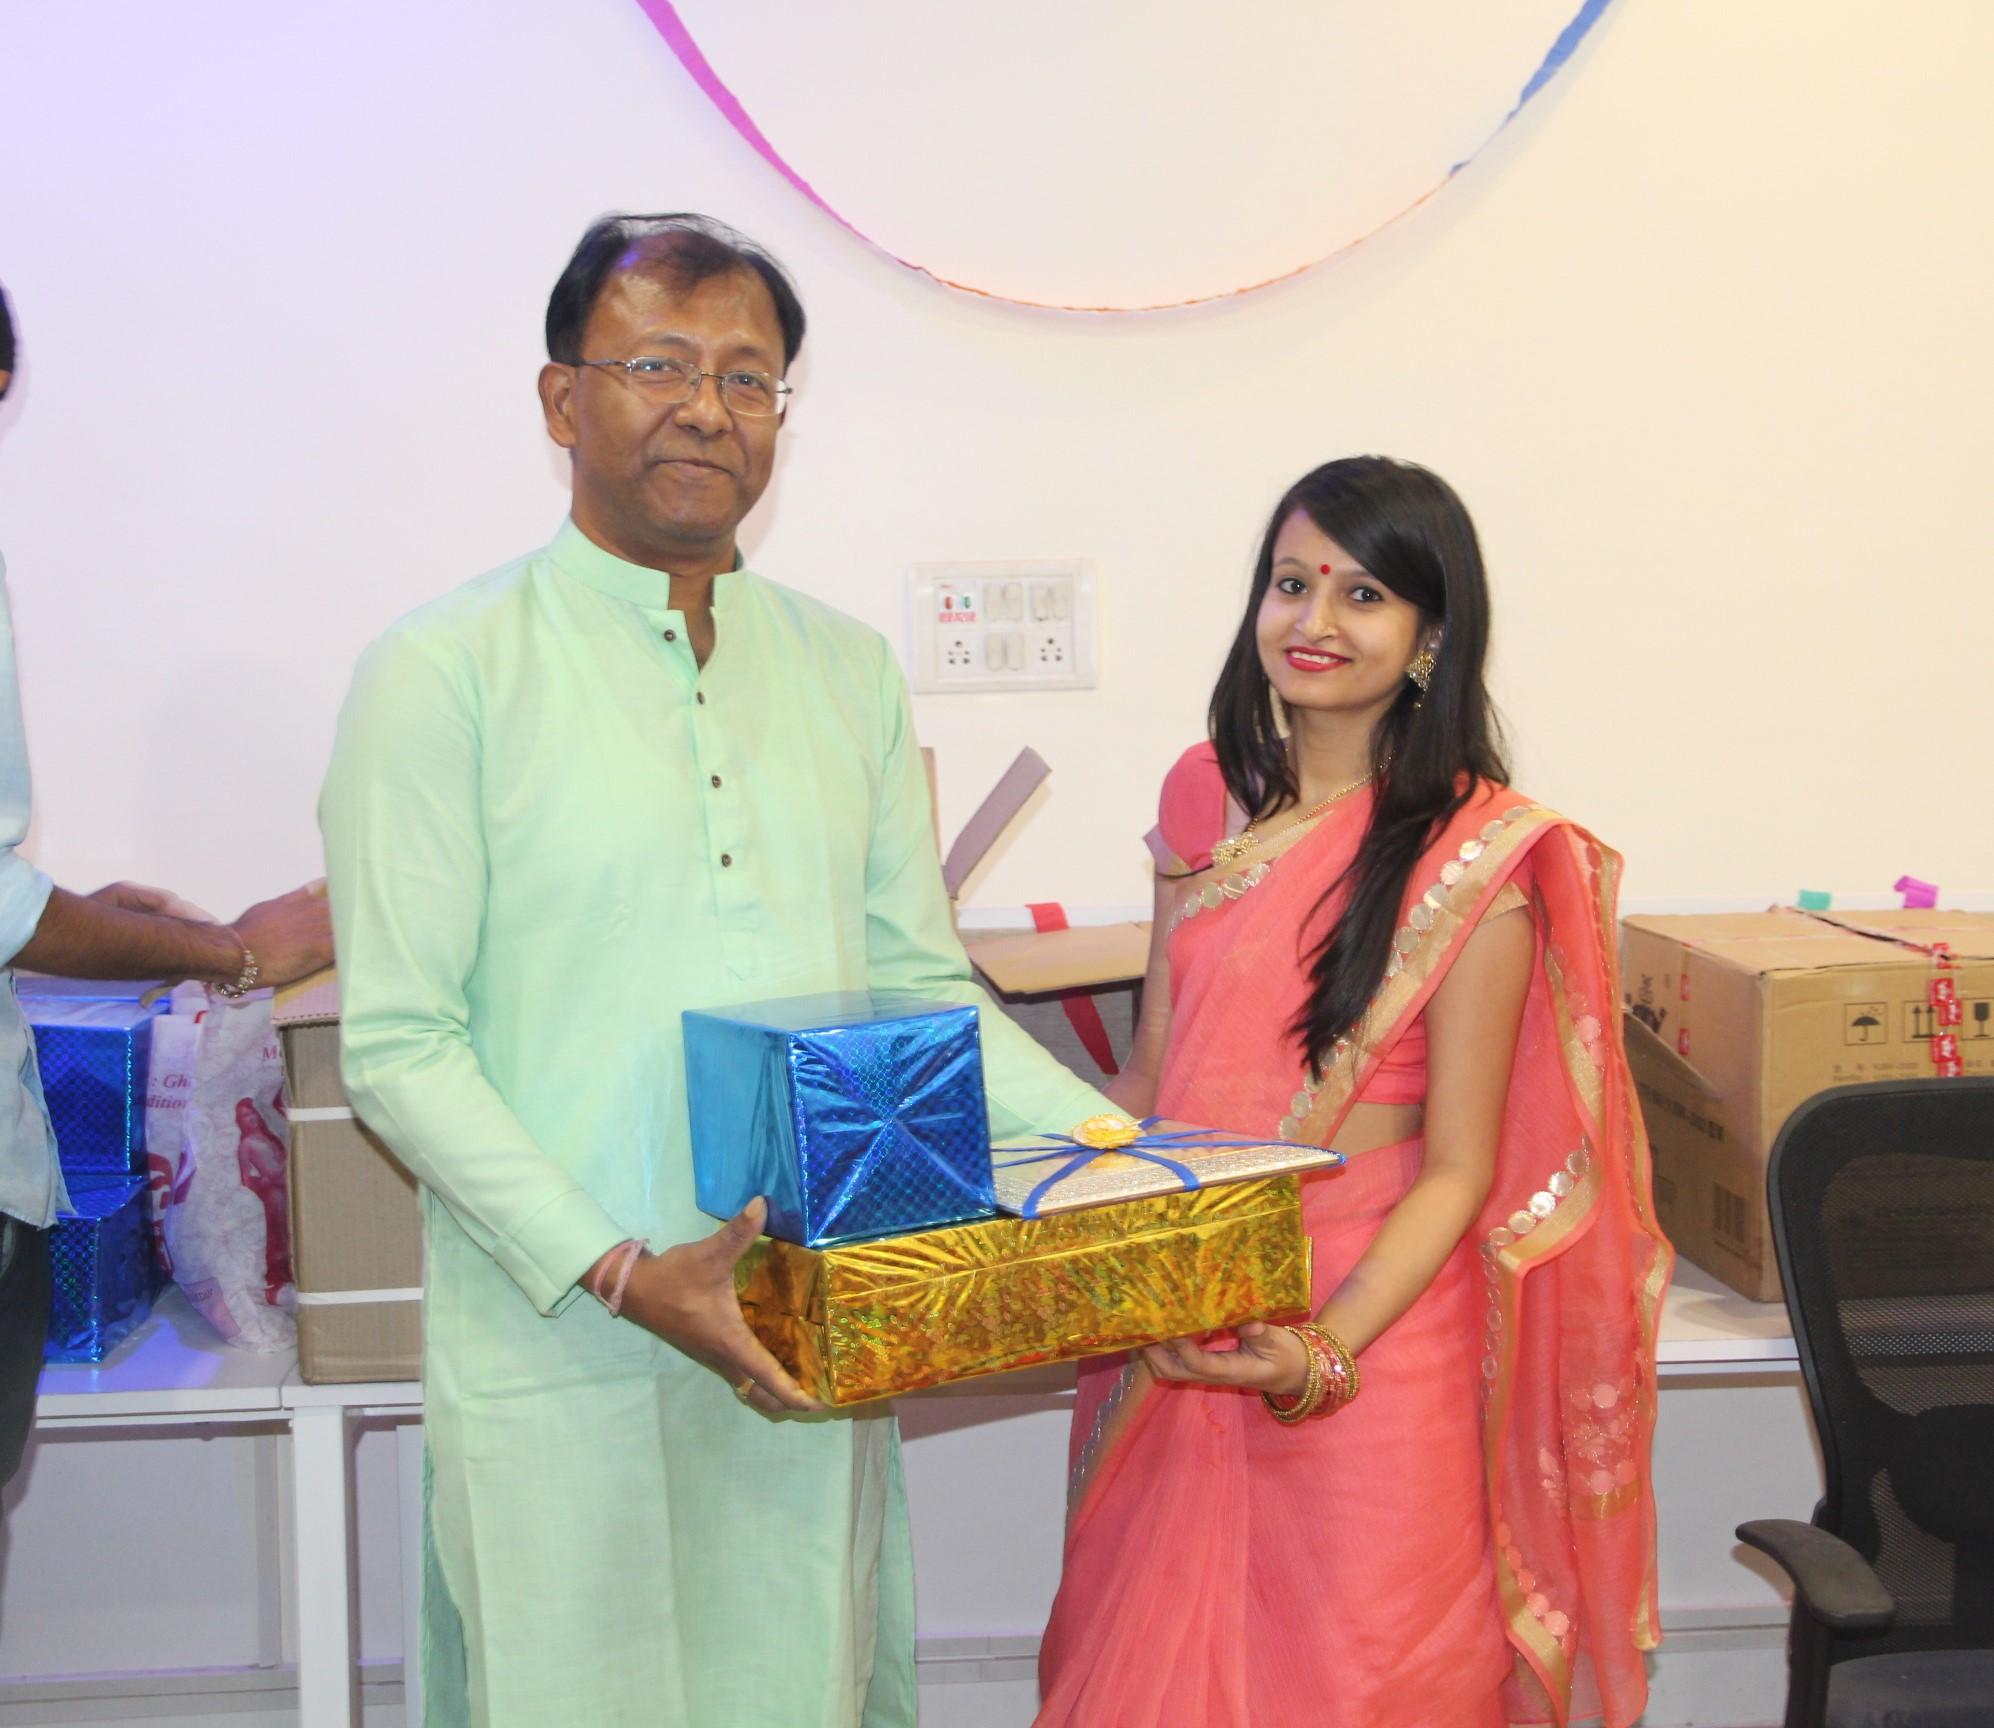 Santanu Das at Sarvika Technologies